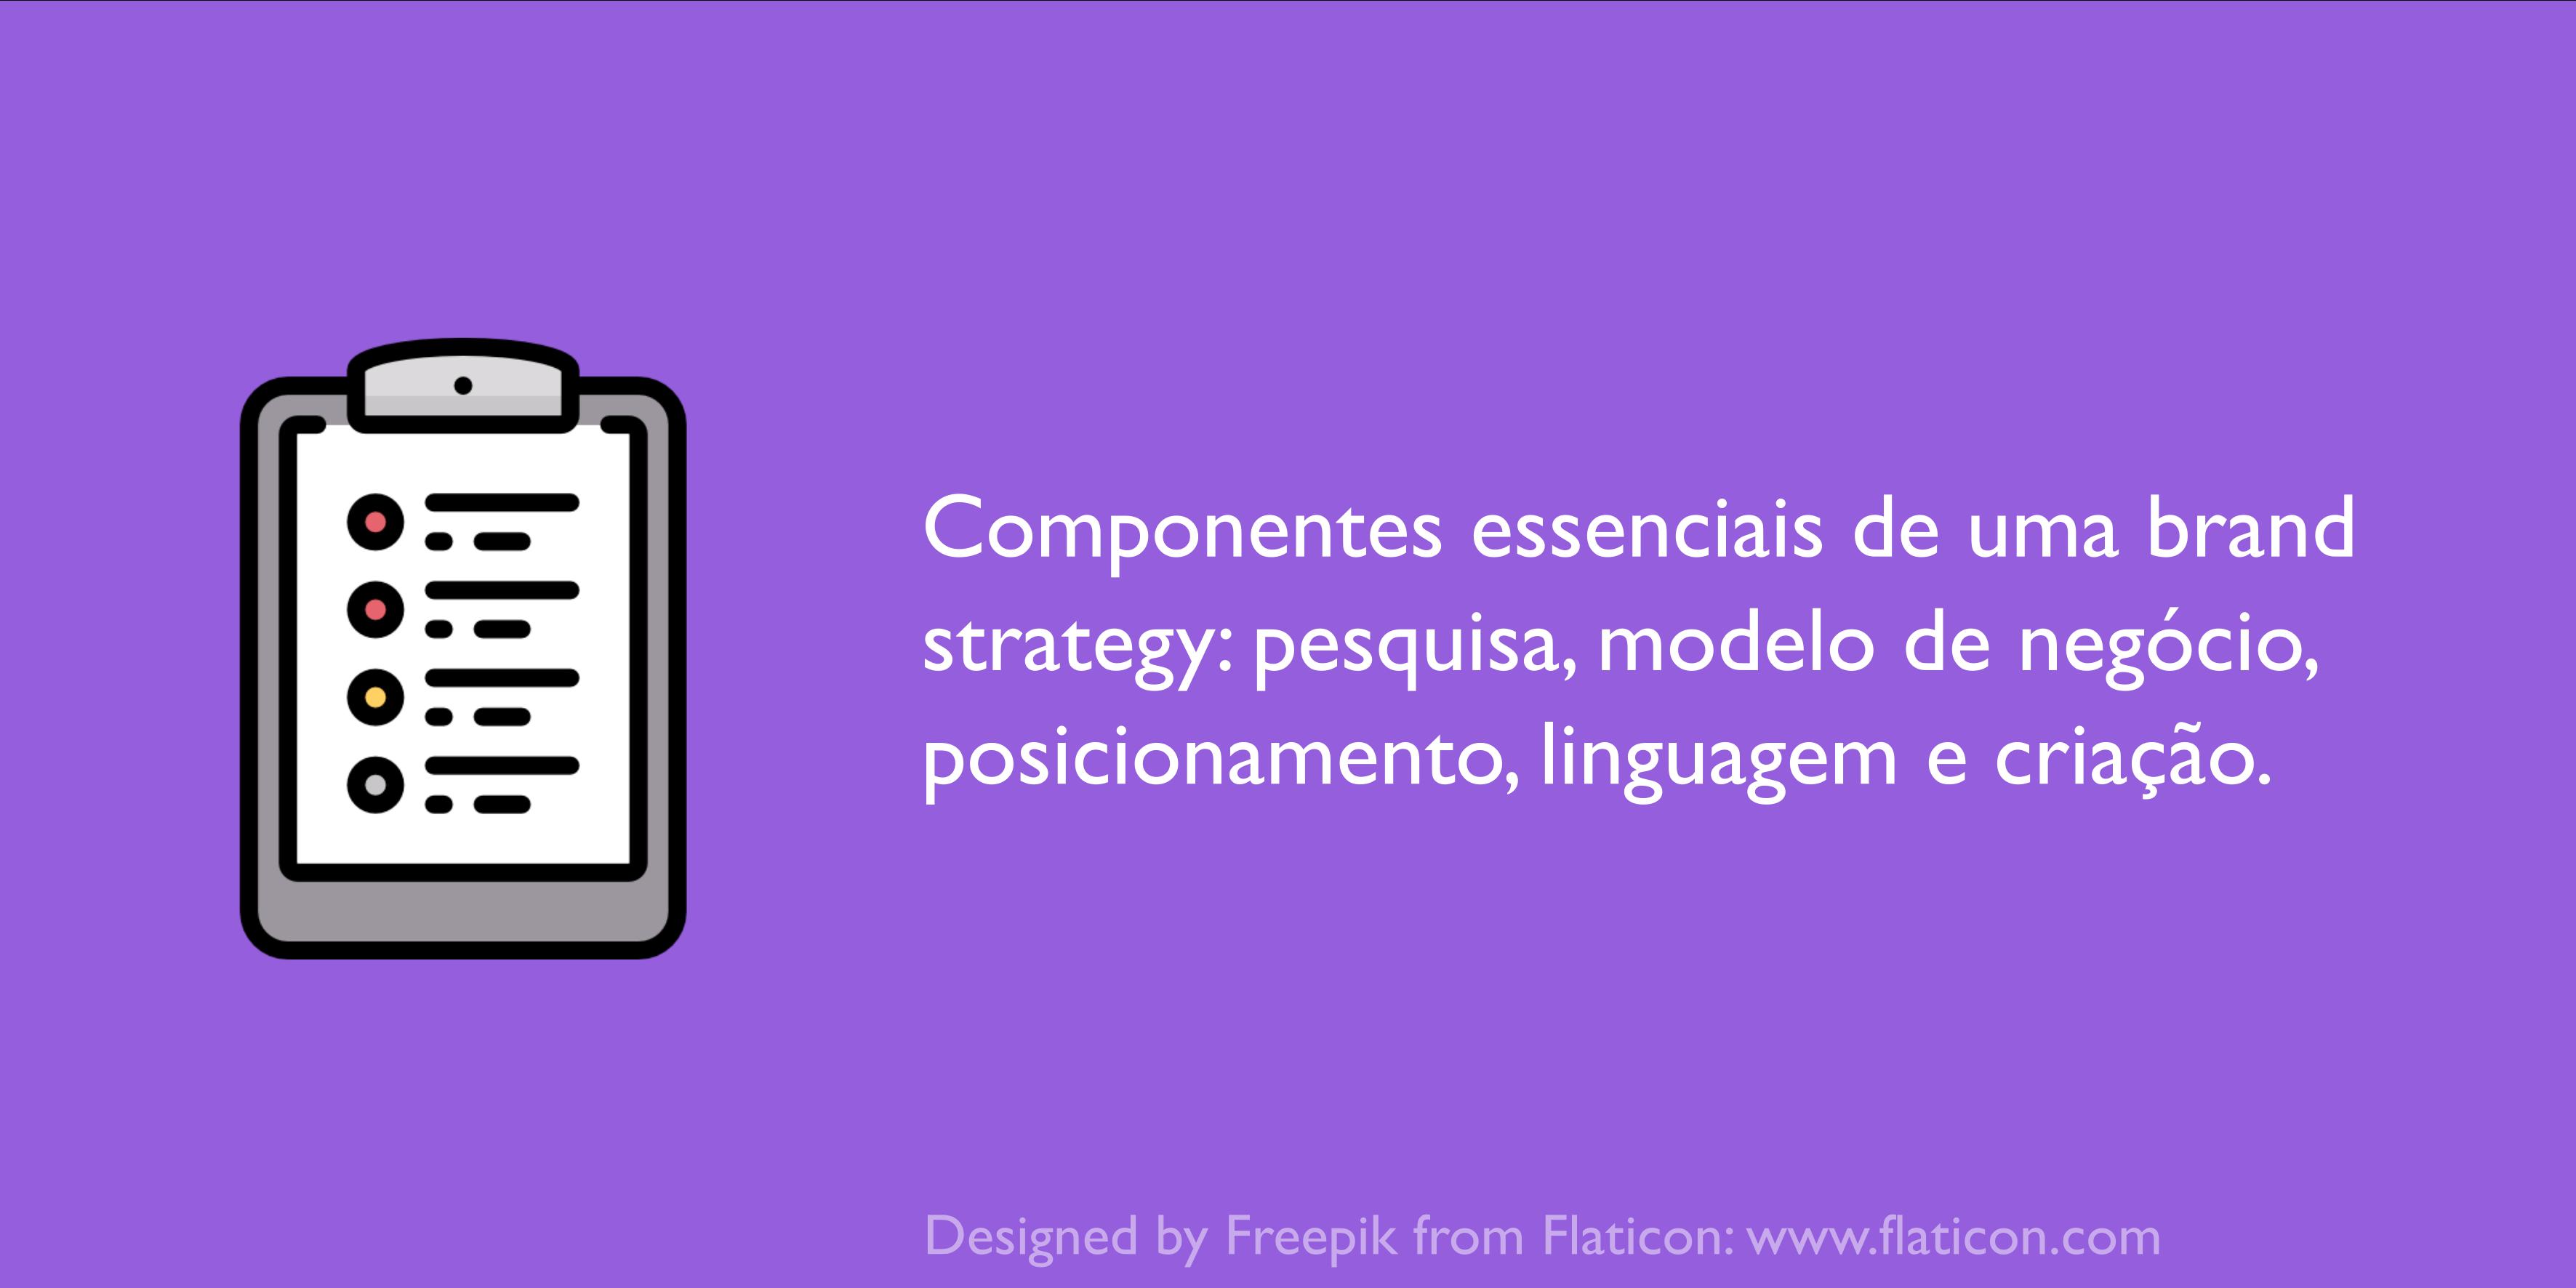 Componentes de uma brand strategy